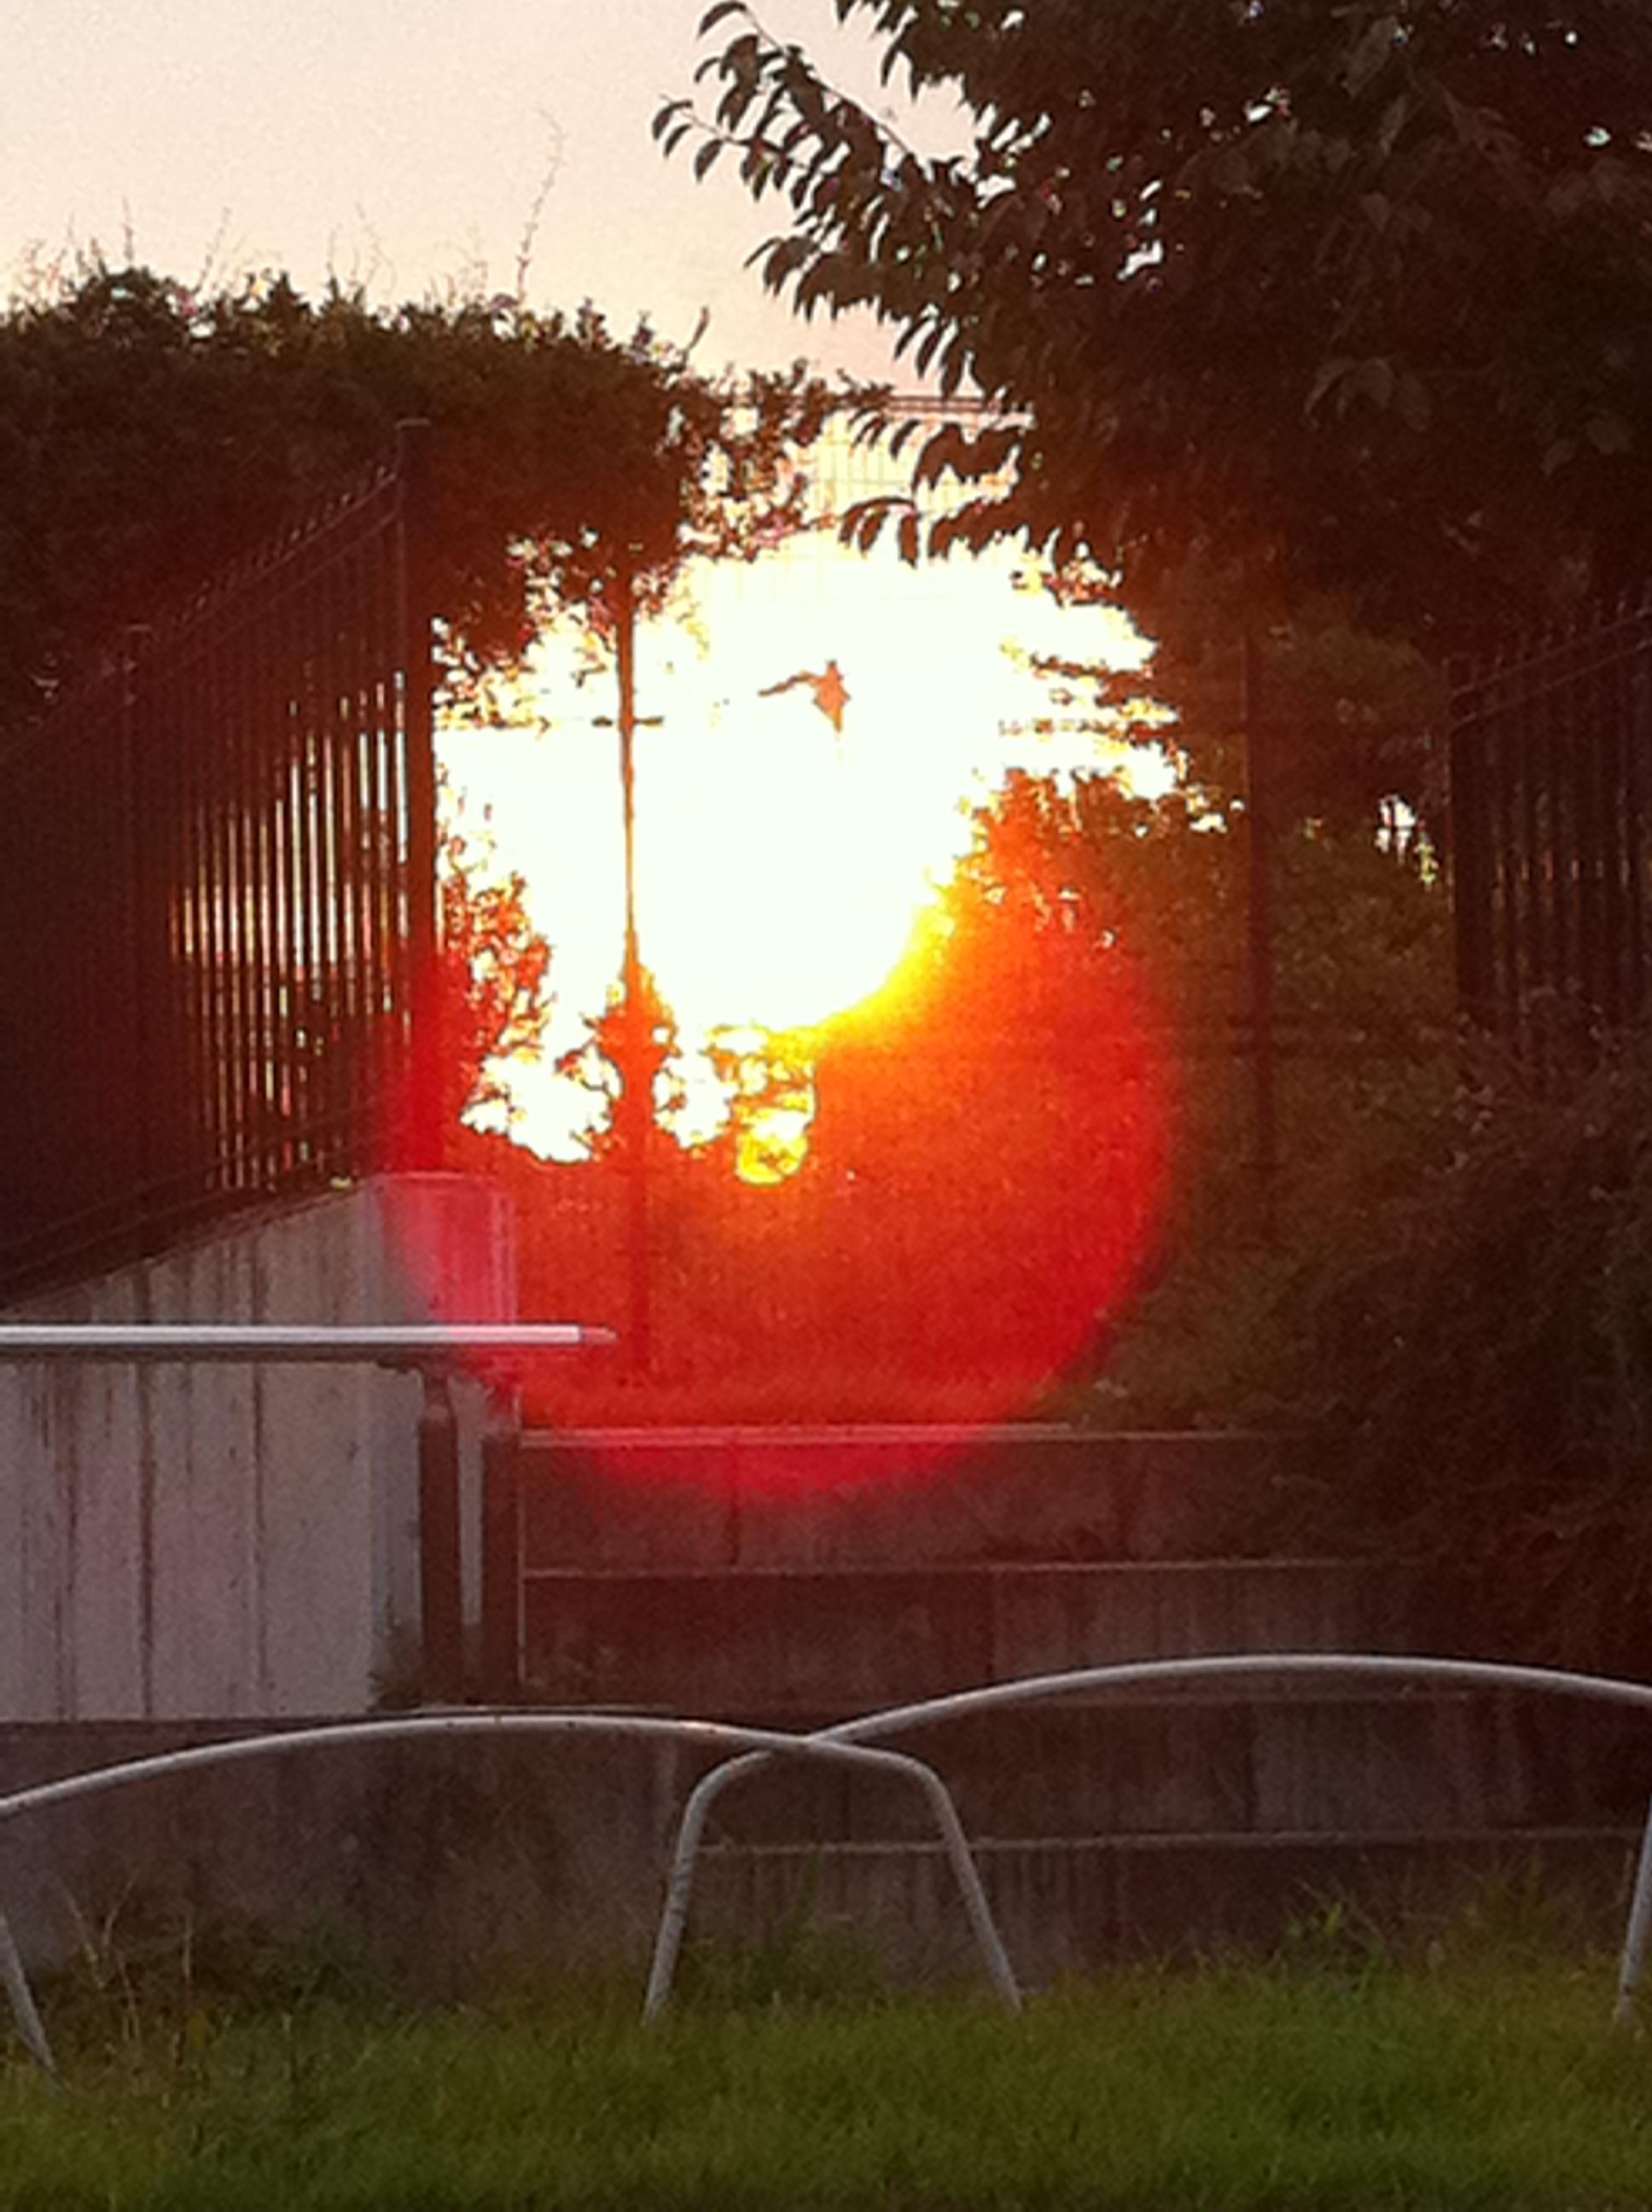 2011年9月29日 夕日を正面から撮ったら 面白い写真になりました